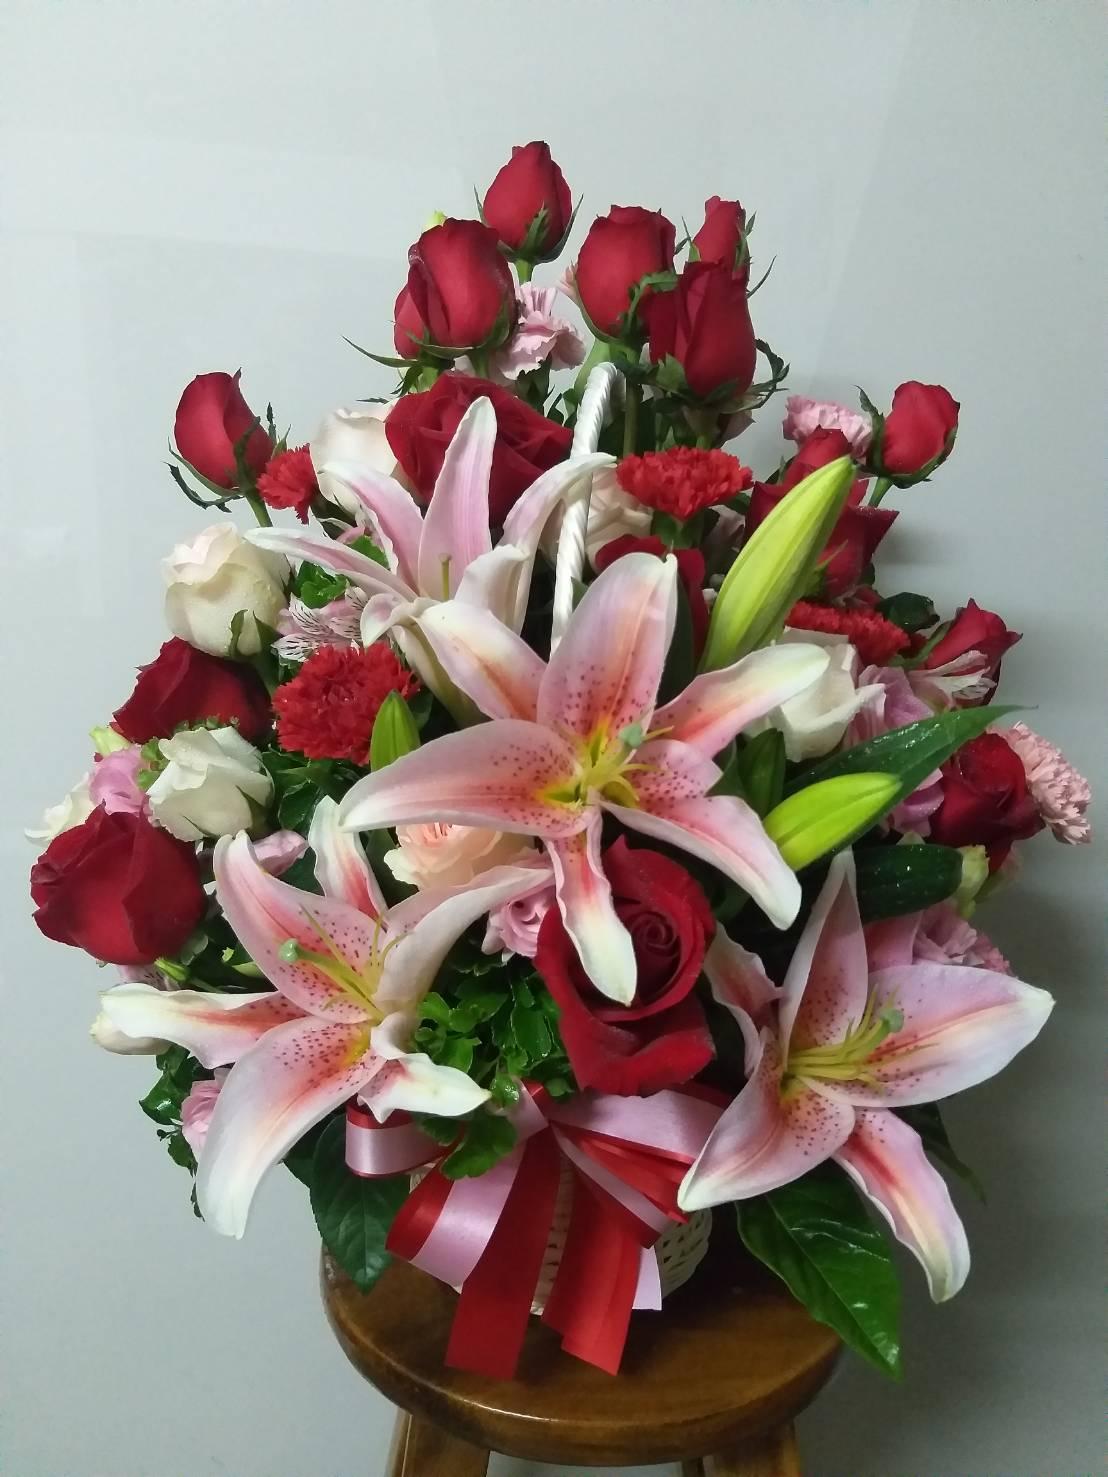 กระเช้าดอกไม้แสนสวยมอบให้แก่คนสำคัญในโอกาสพิเศษ